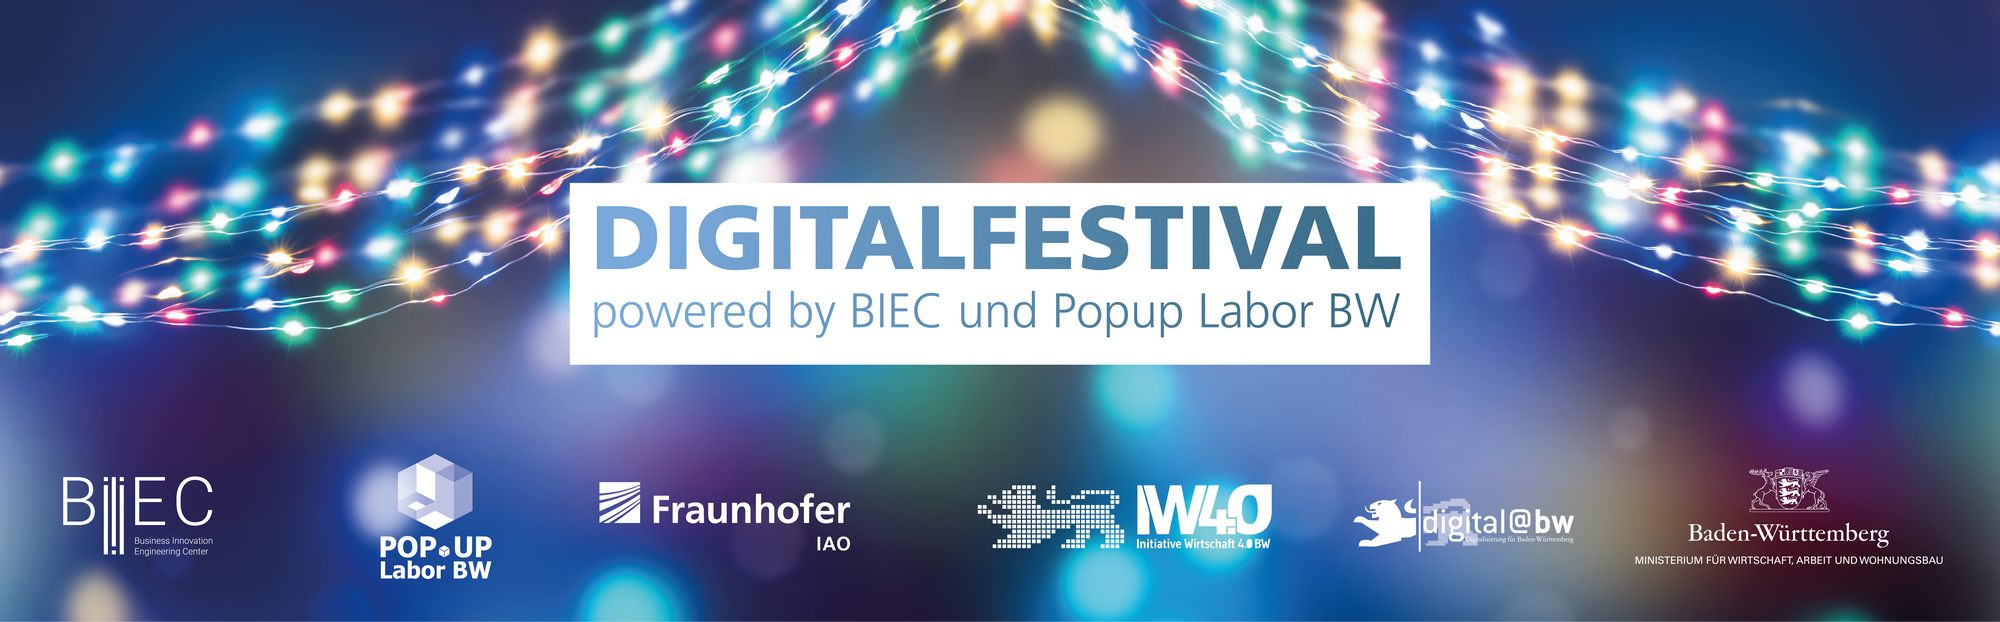 """Bild von Keyvisual """"Digitalfestival – powered by BIEC und Popup Labor BW"""" (Bildquelle: winyu - stock.adobe.com und Fraunhofer IAO)"""